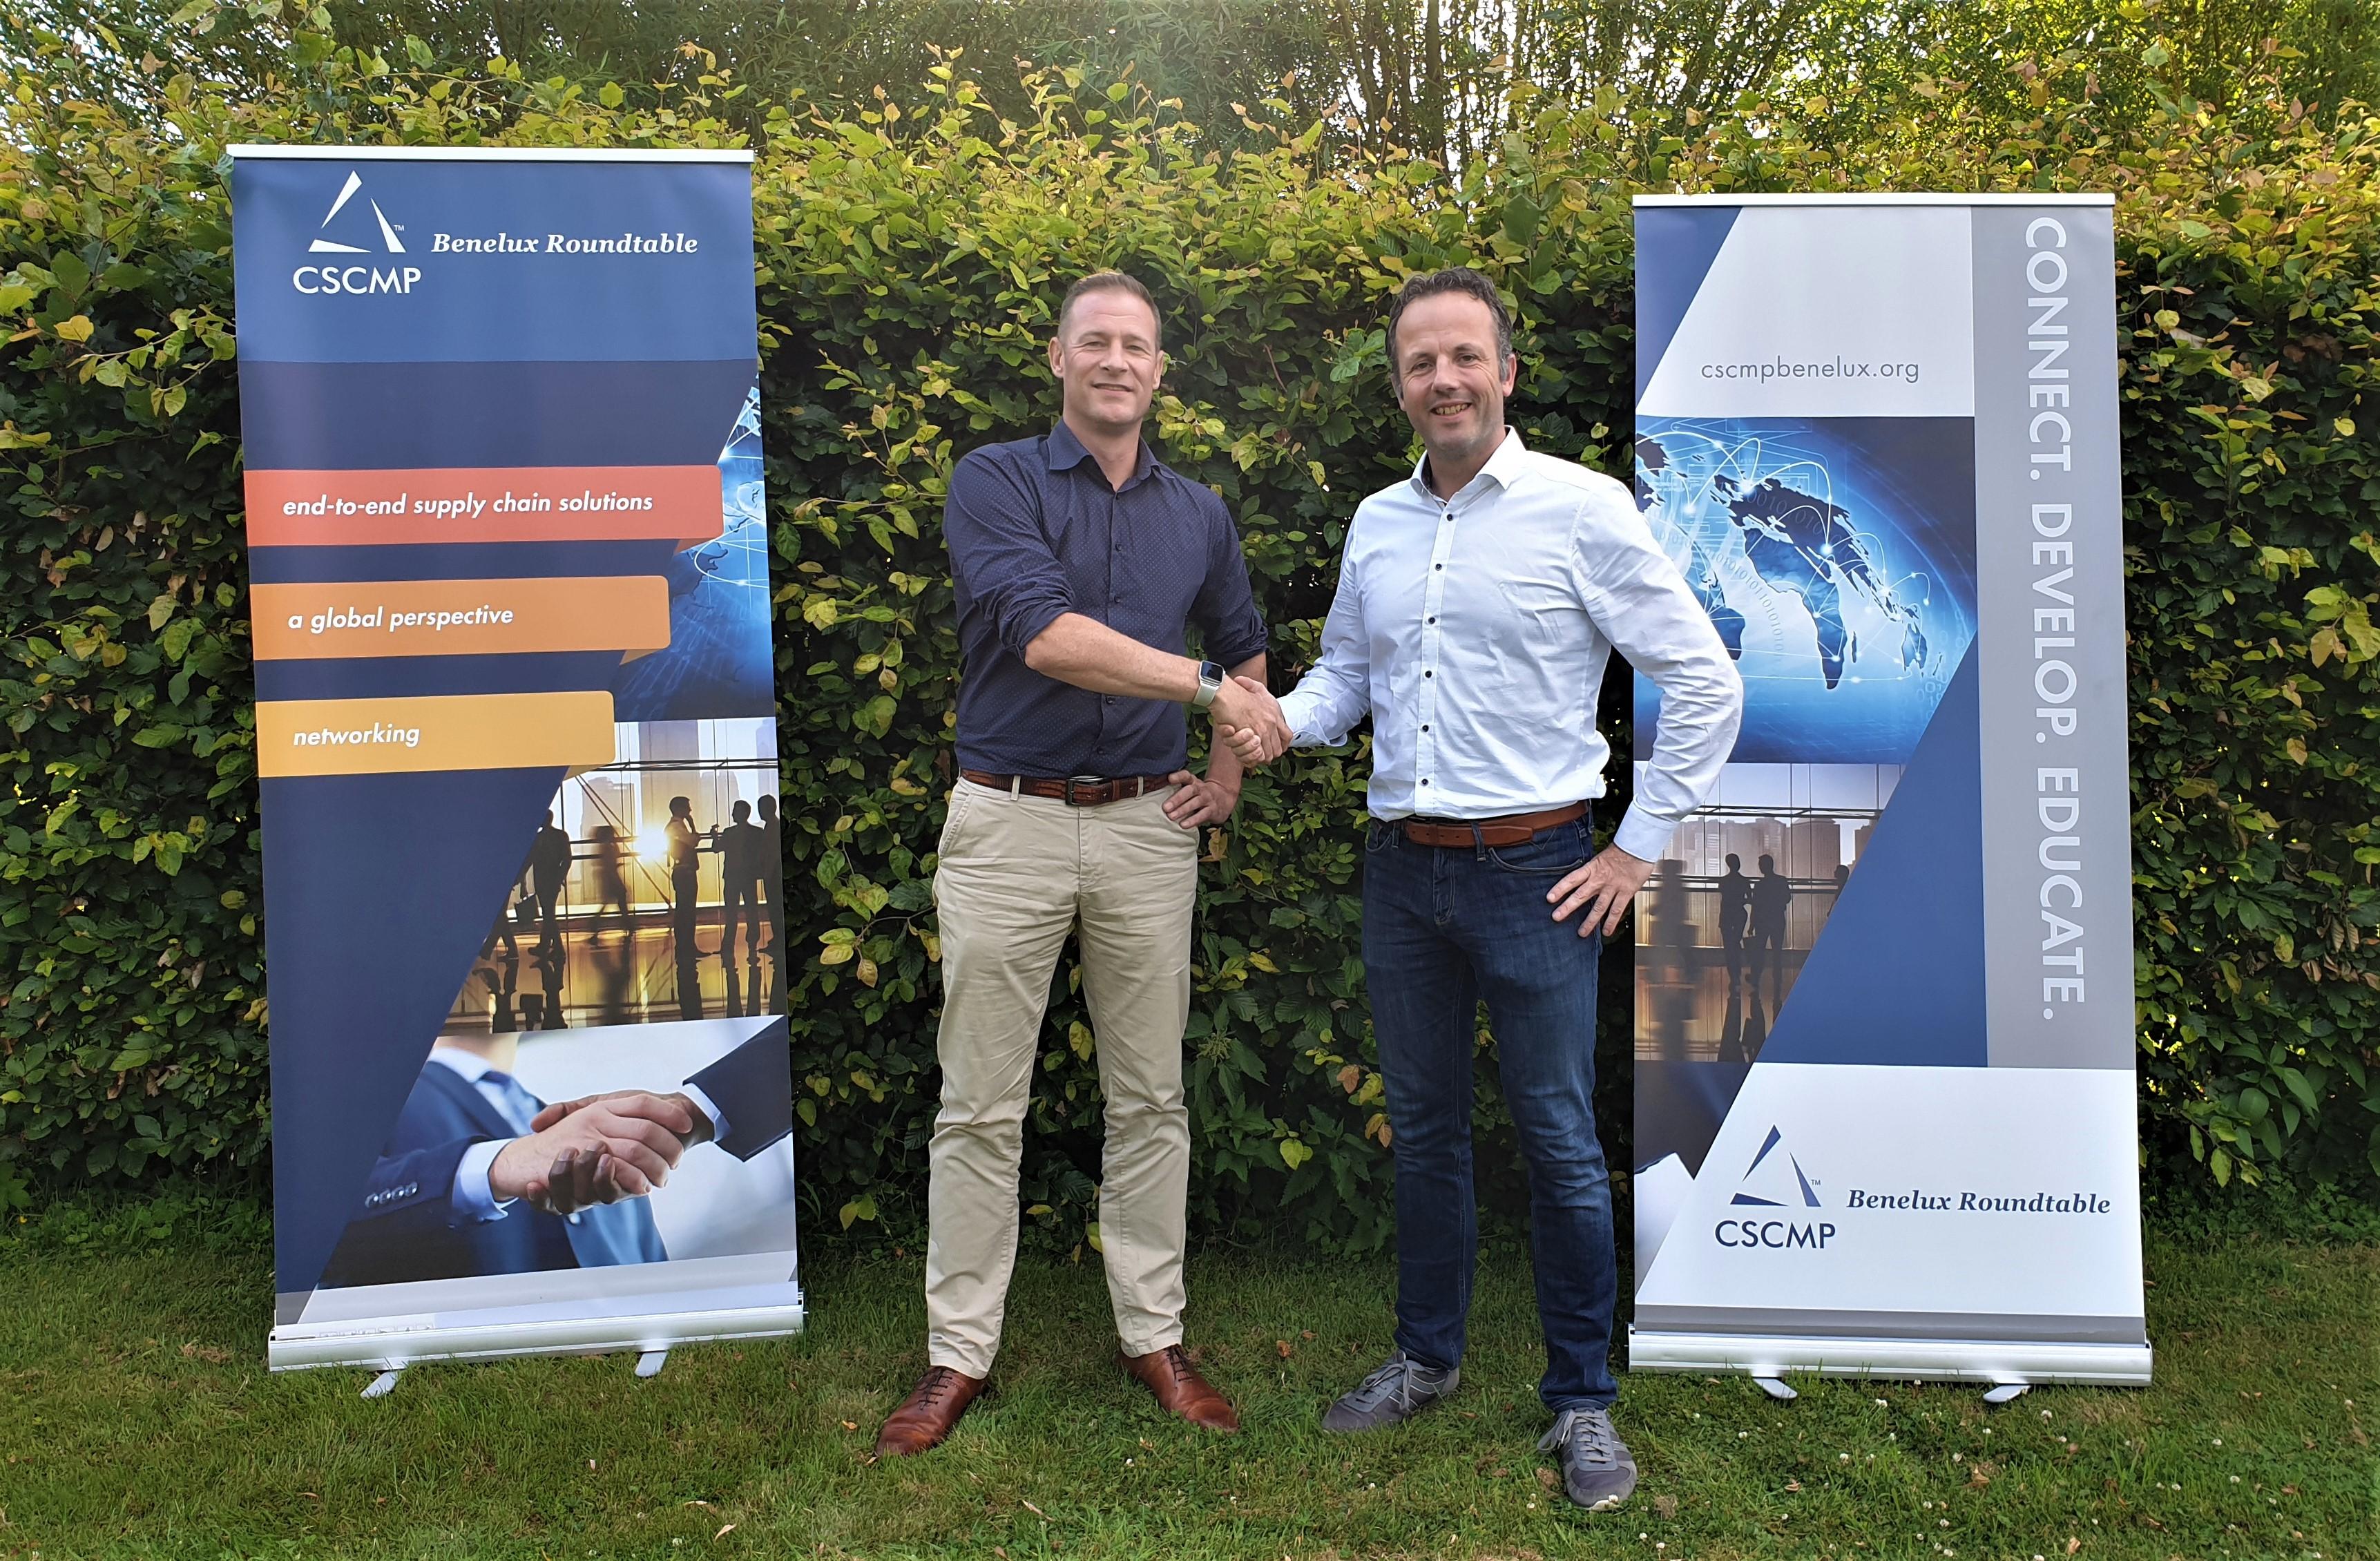 CSCMP Benelux announces new 2019-2021 President